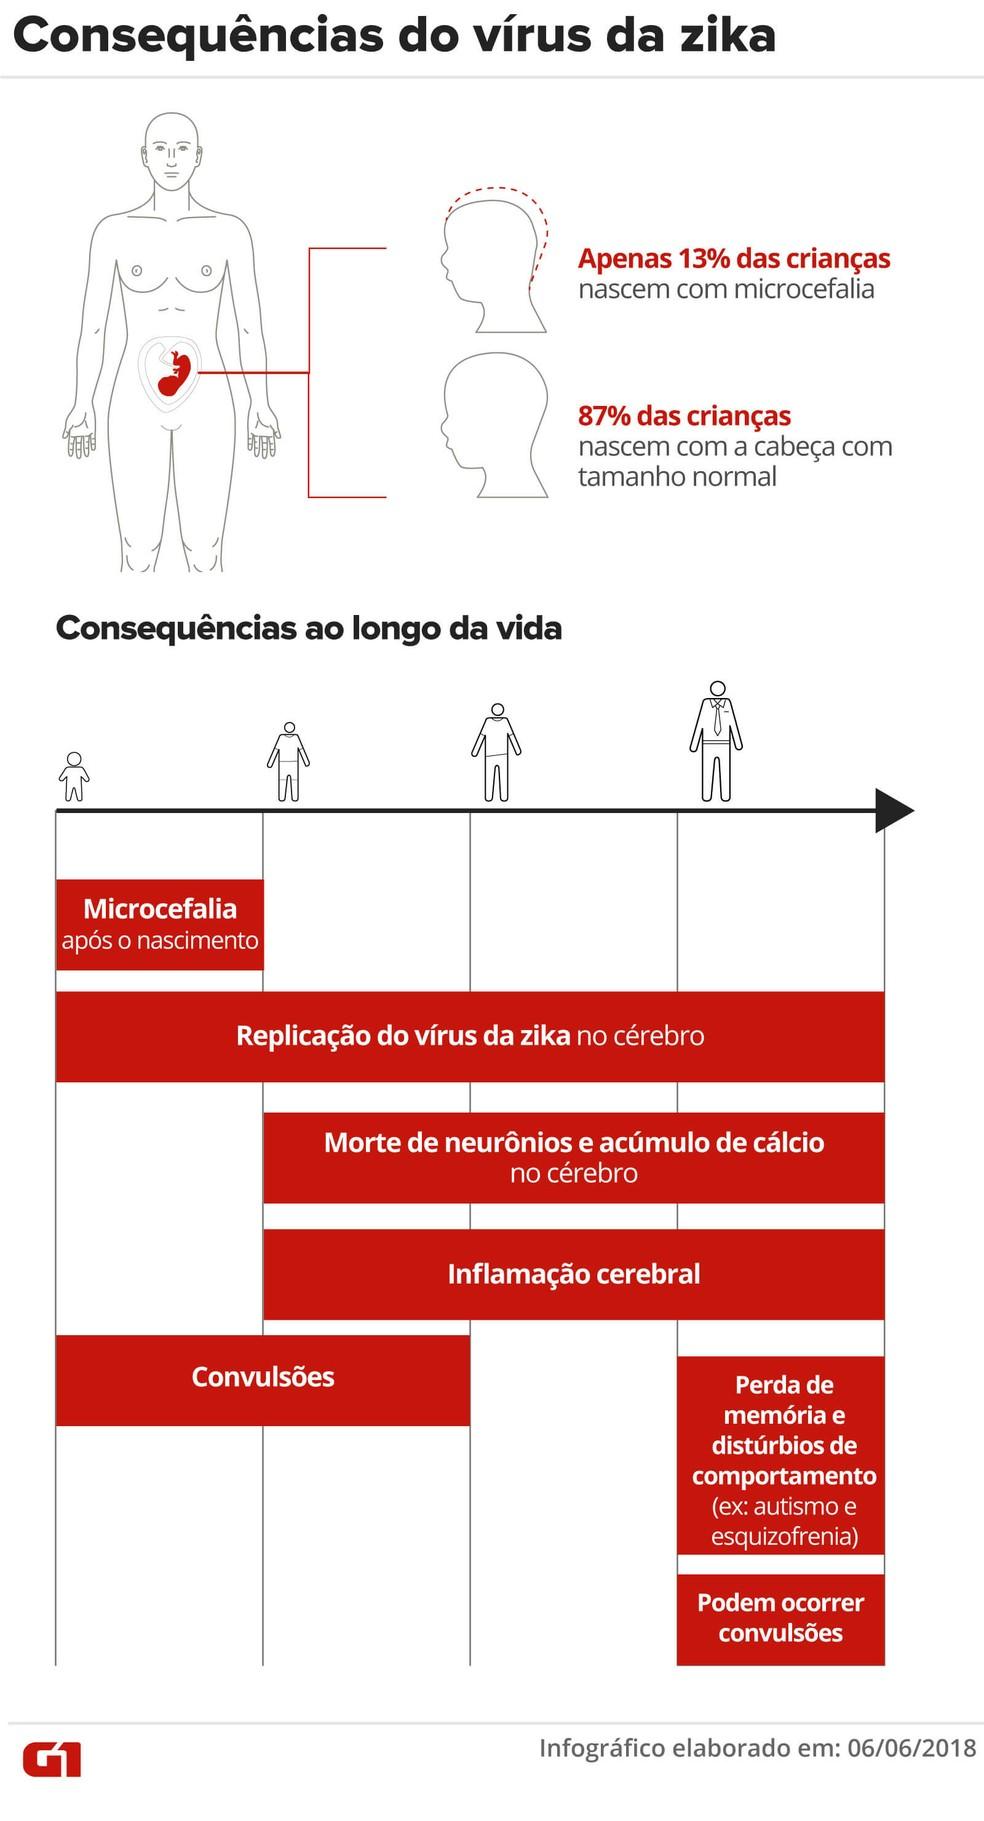 Cientistas começam a tentar prever as consequências do vírus da zika na fase adulta  (Foto: Oliveira Souza et al/Juliane Monteiro/Arte G1)